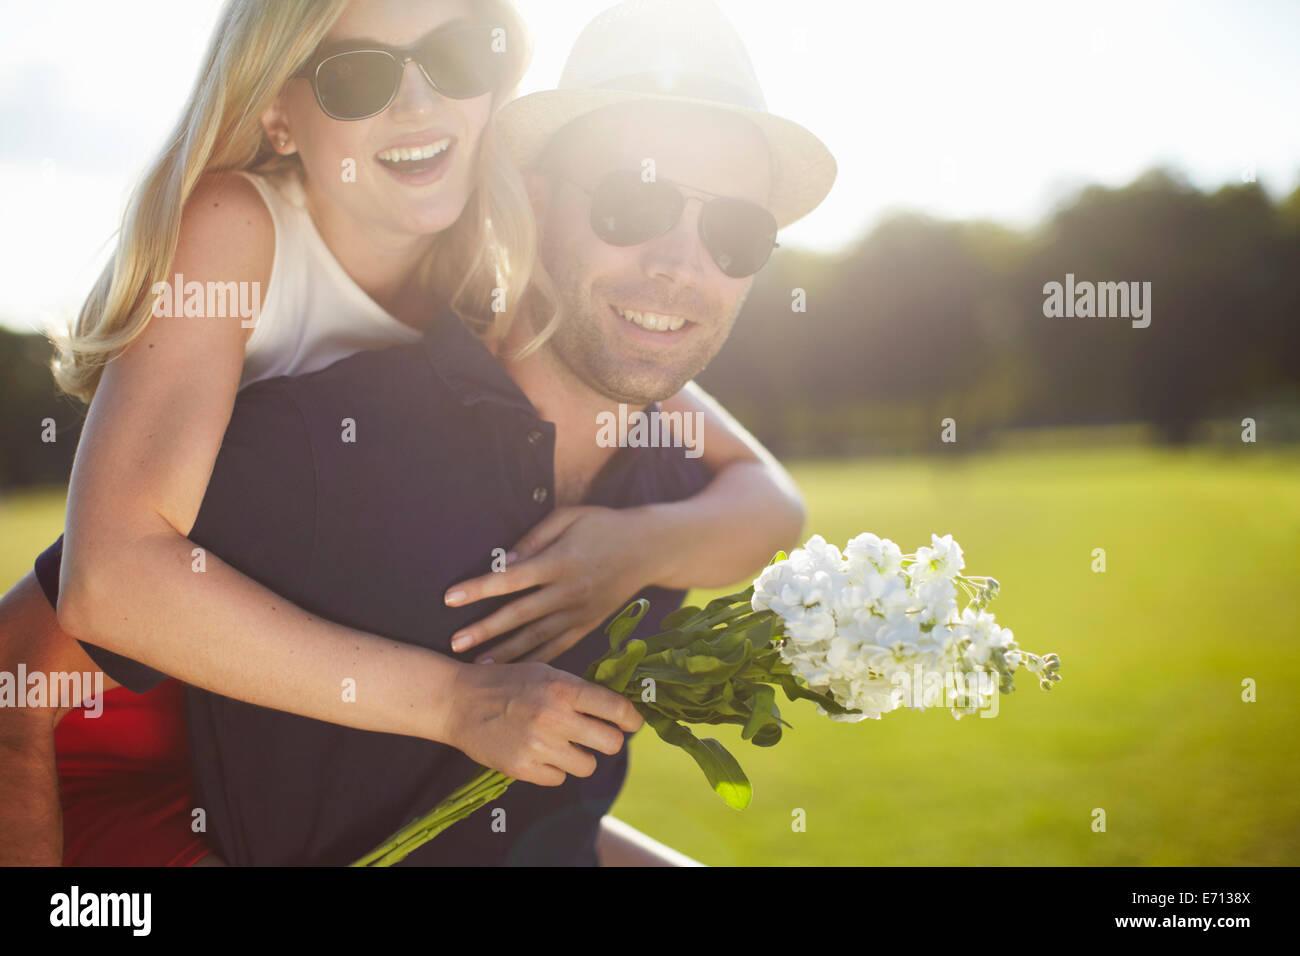 Mujer joven con flores obteniendo piggy back del novio en el parque Imagen De Stock